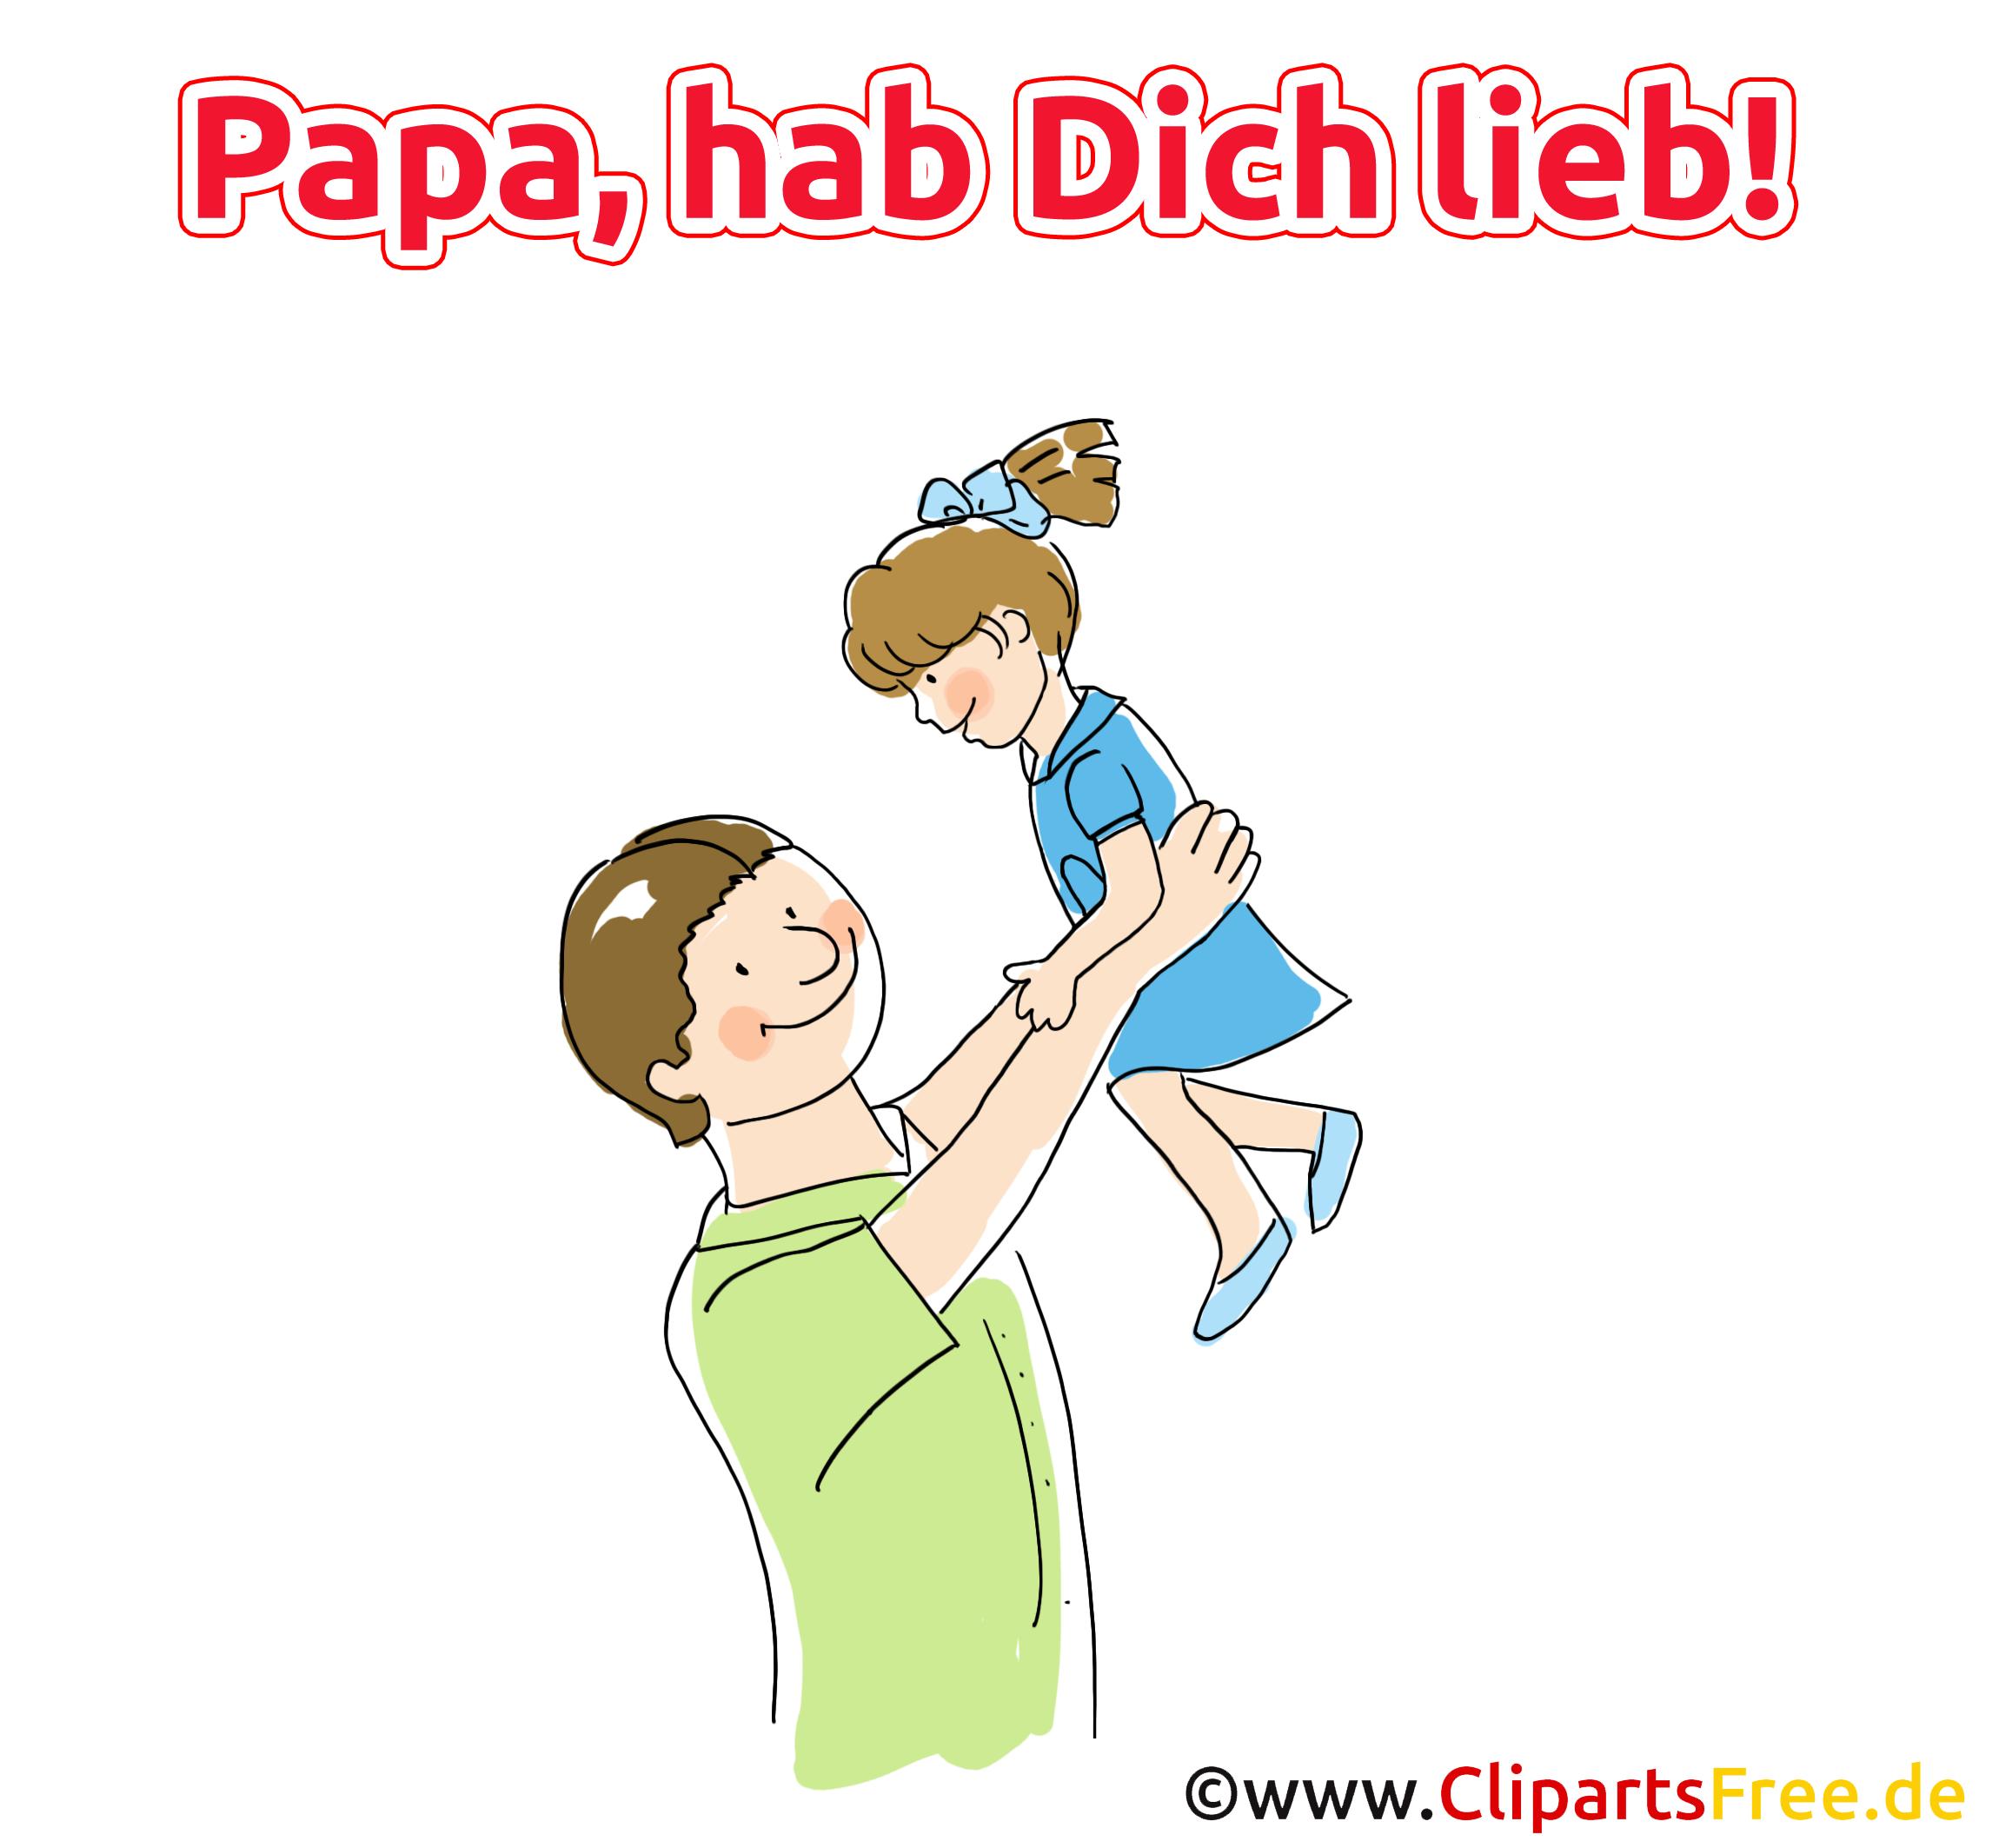 Bild mit Spruch zum Vatertag